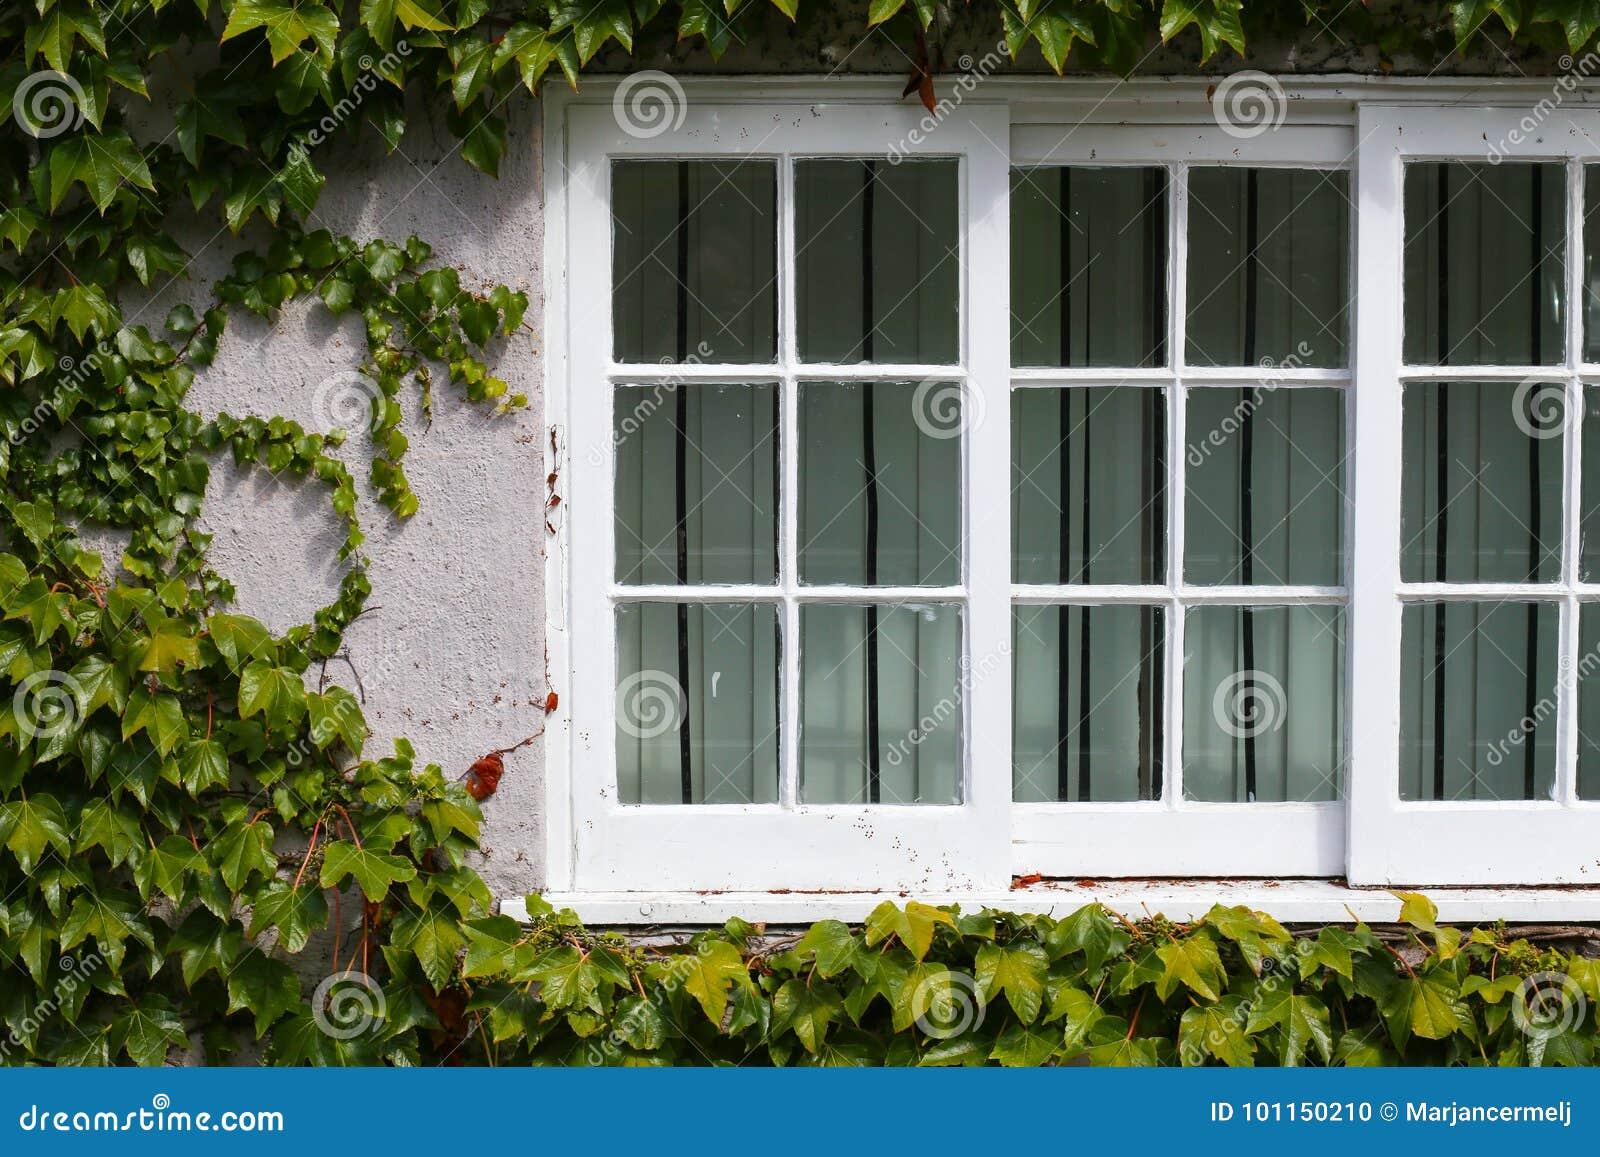 La finestra bianca con l 39 edera verde di strisciamento va al sole fotografia stock immagine di - La finestra verde giugliano ...